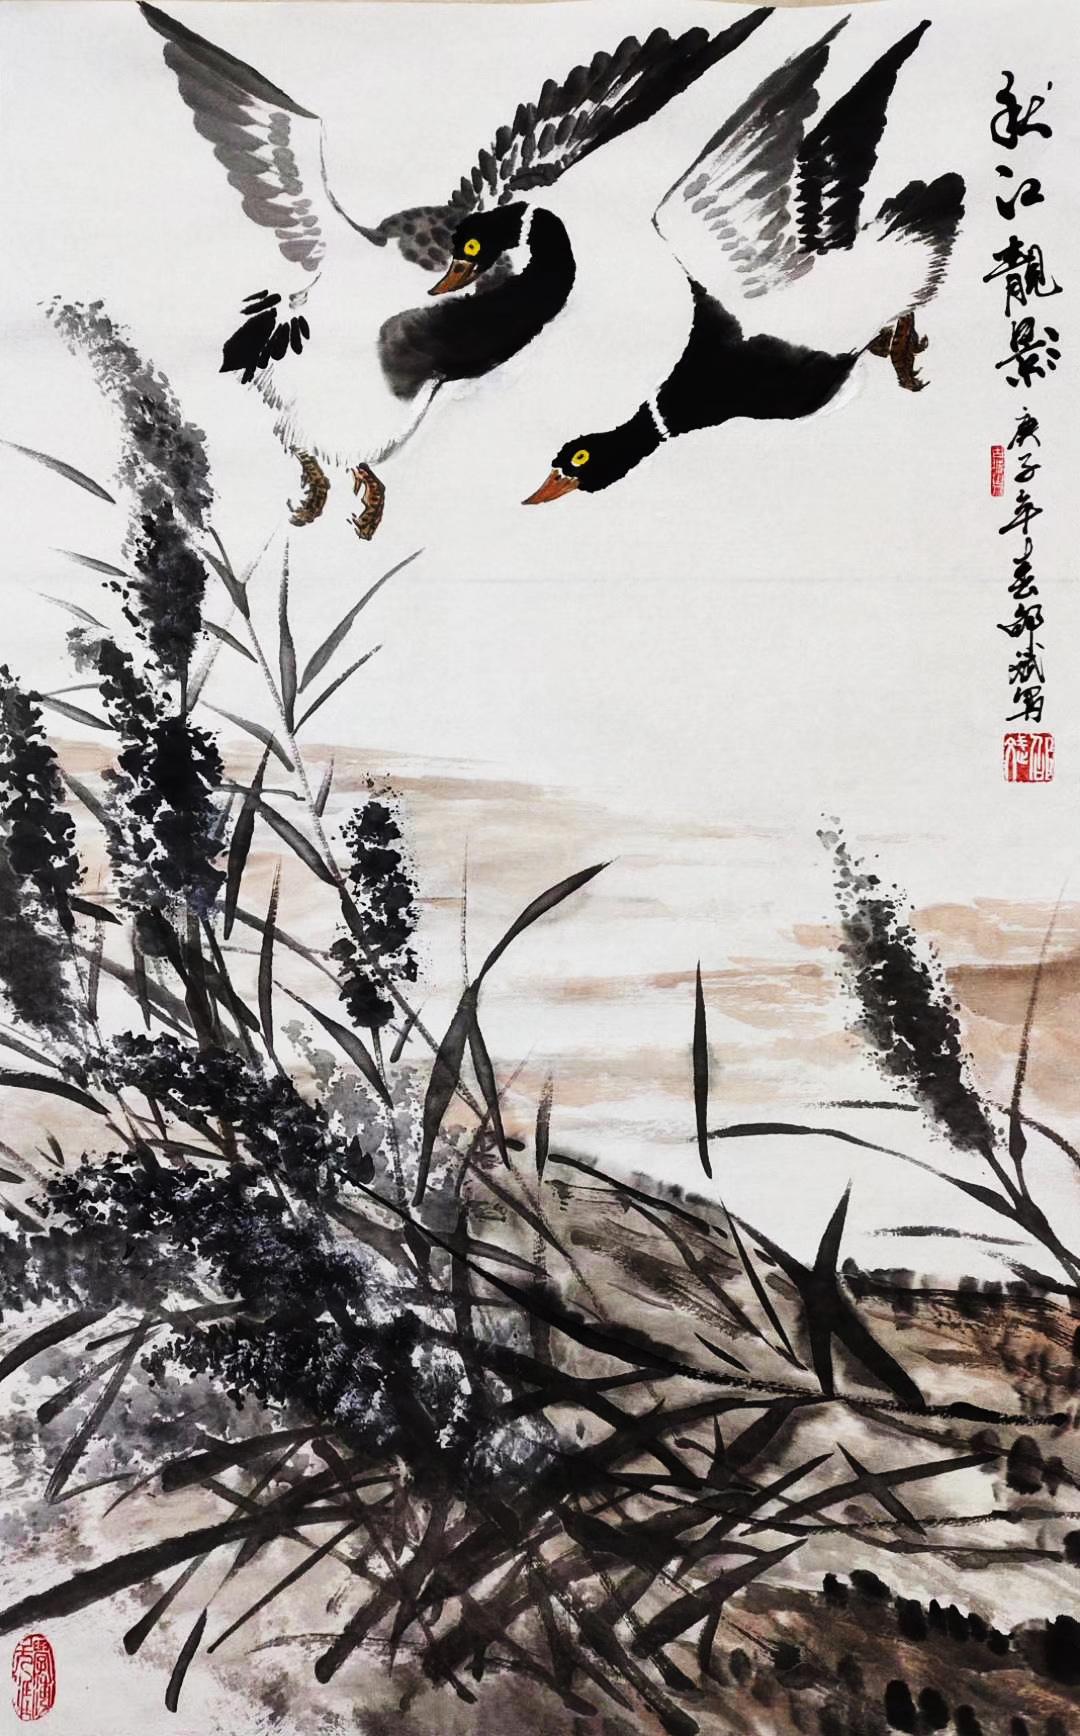 名家国画 秋江靓影 天鹅花鸟画  庚子年春